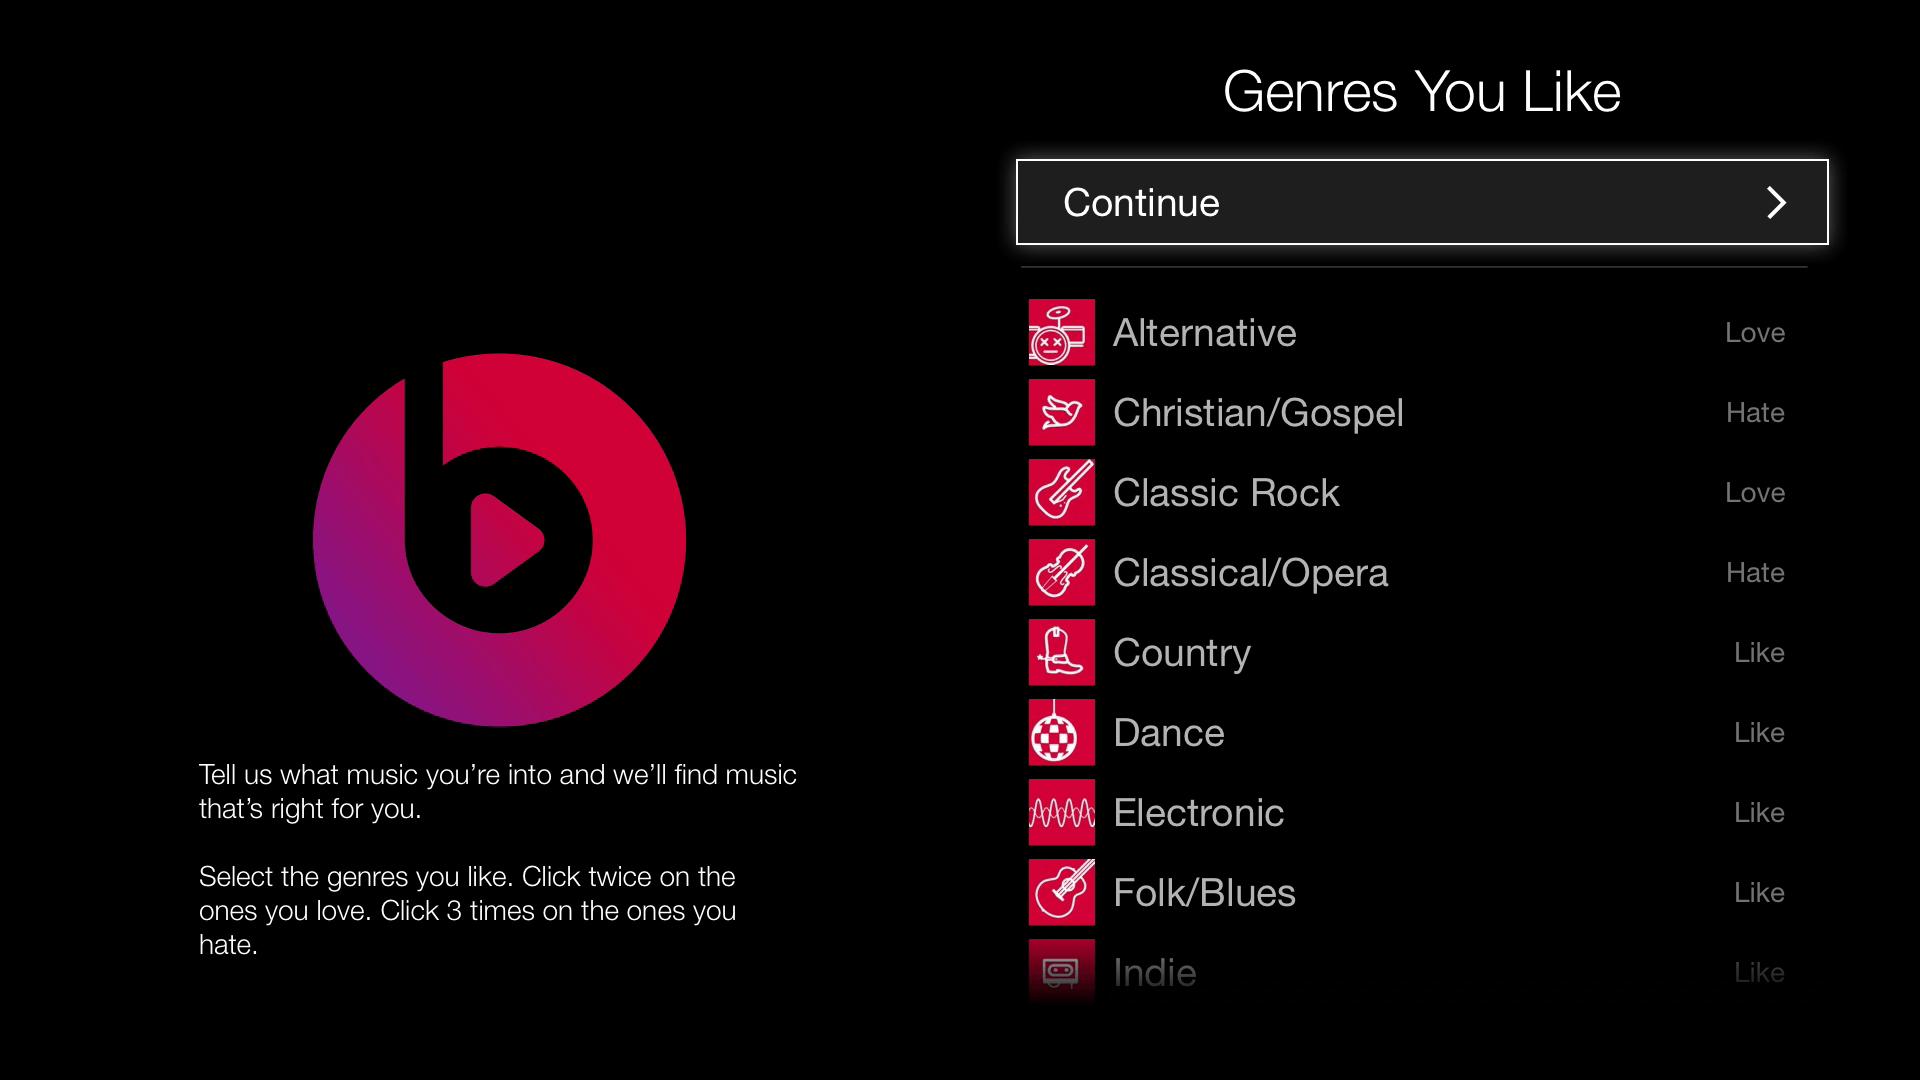 Apple-TV-Beats-genres